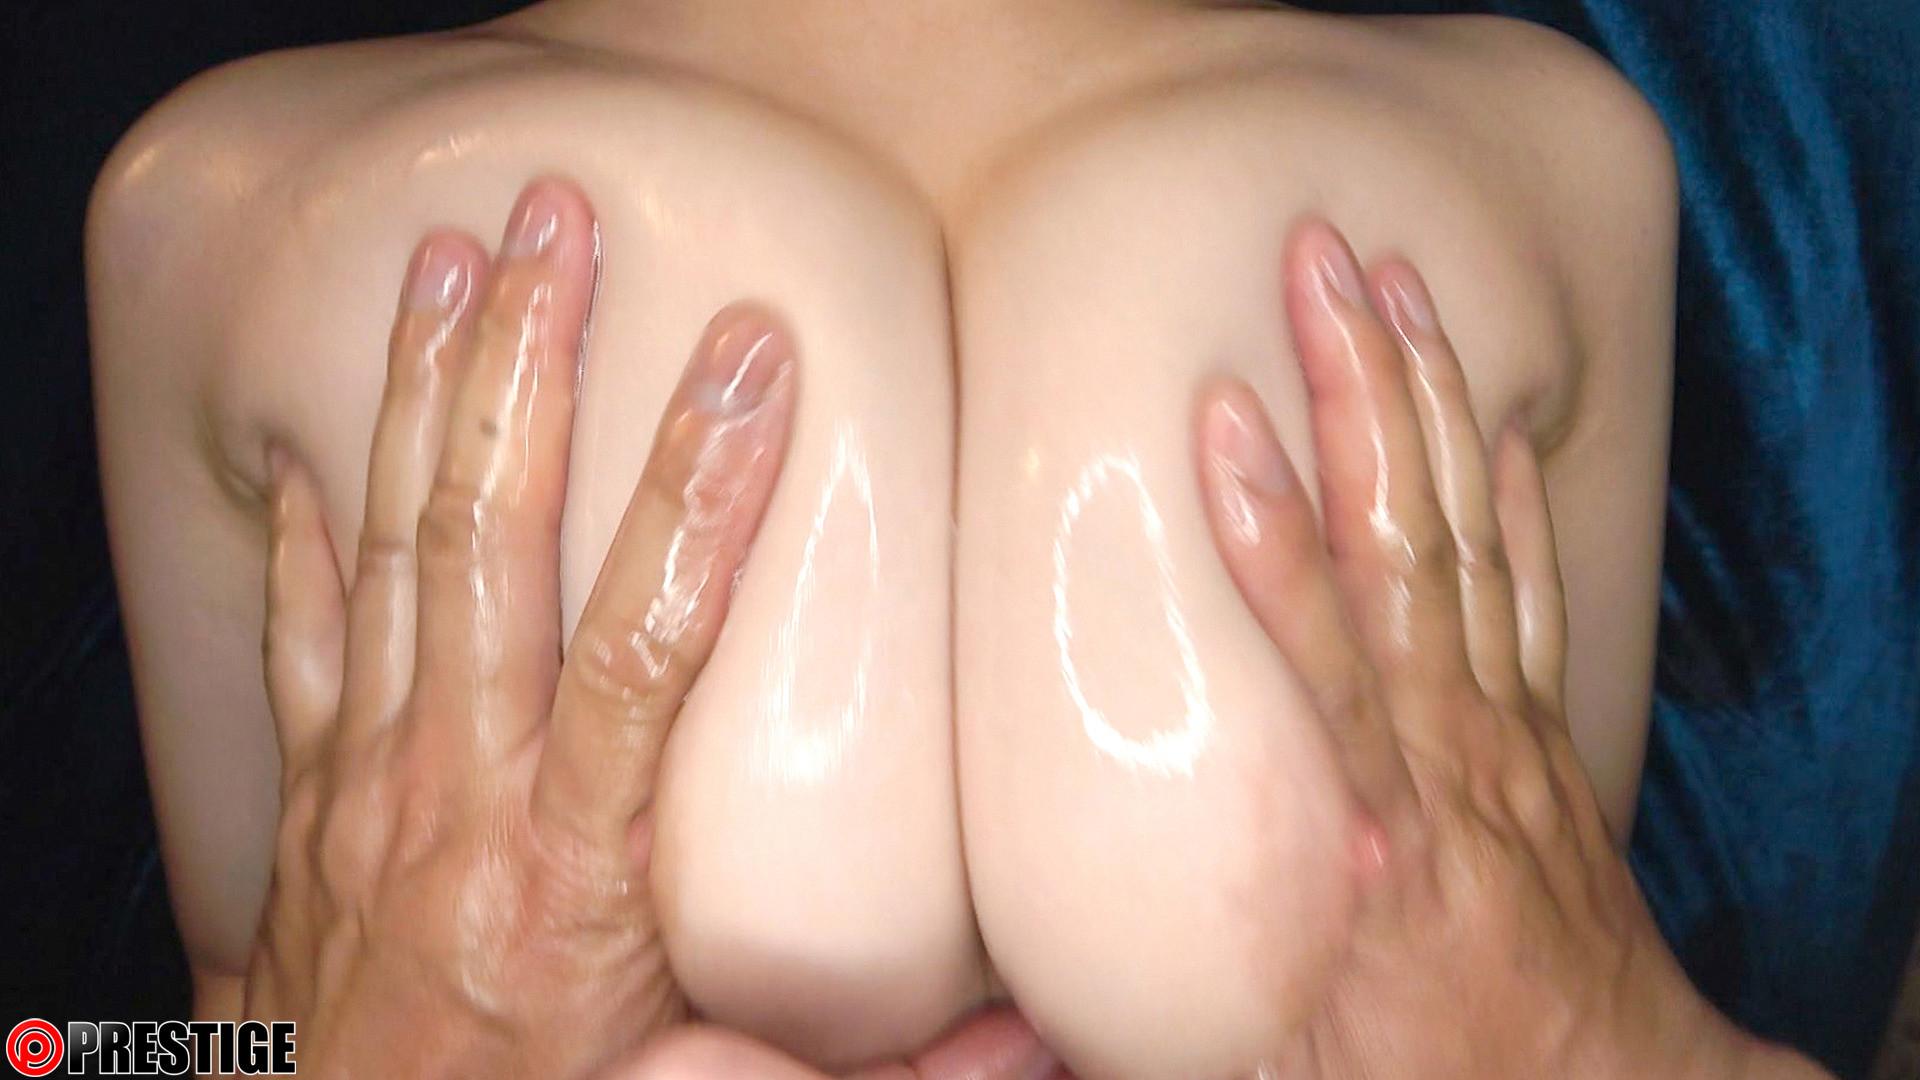 神乳Ecupを味わい尽くす性感覚醒3本番 神の造形美!!超絶美乳 美ノ嶋めぐり,のサンプル画像8